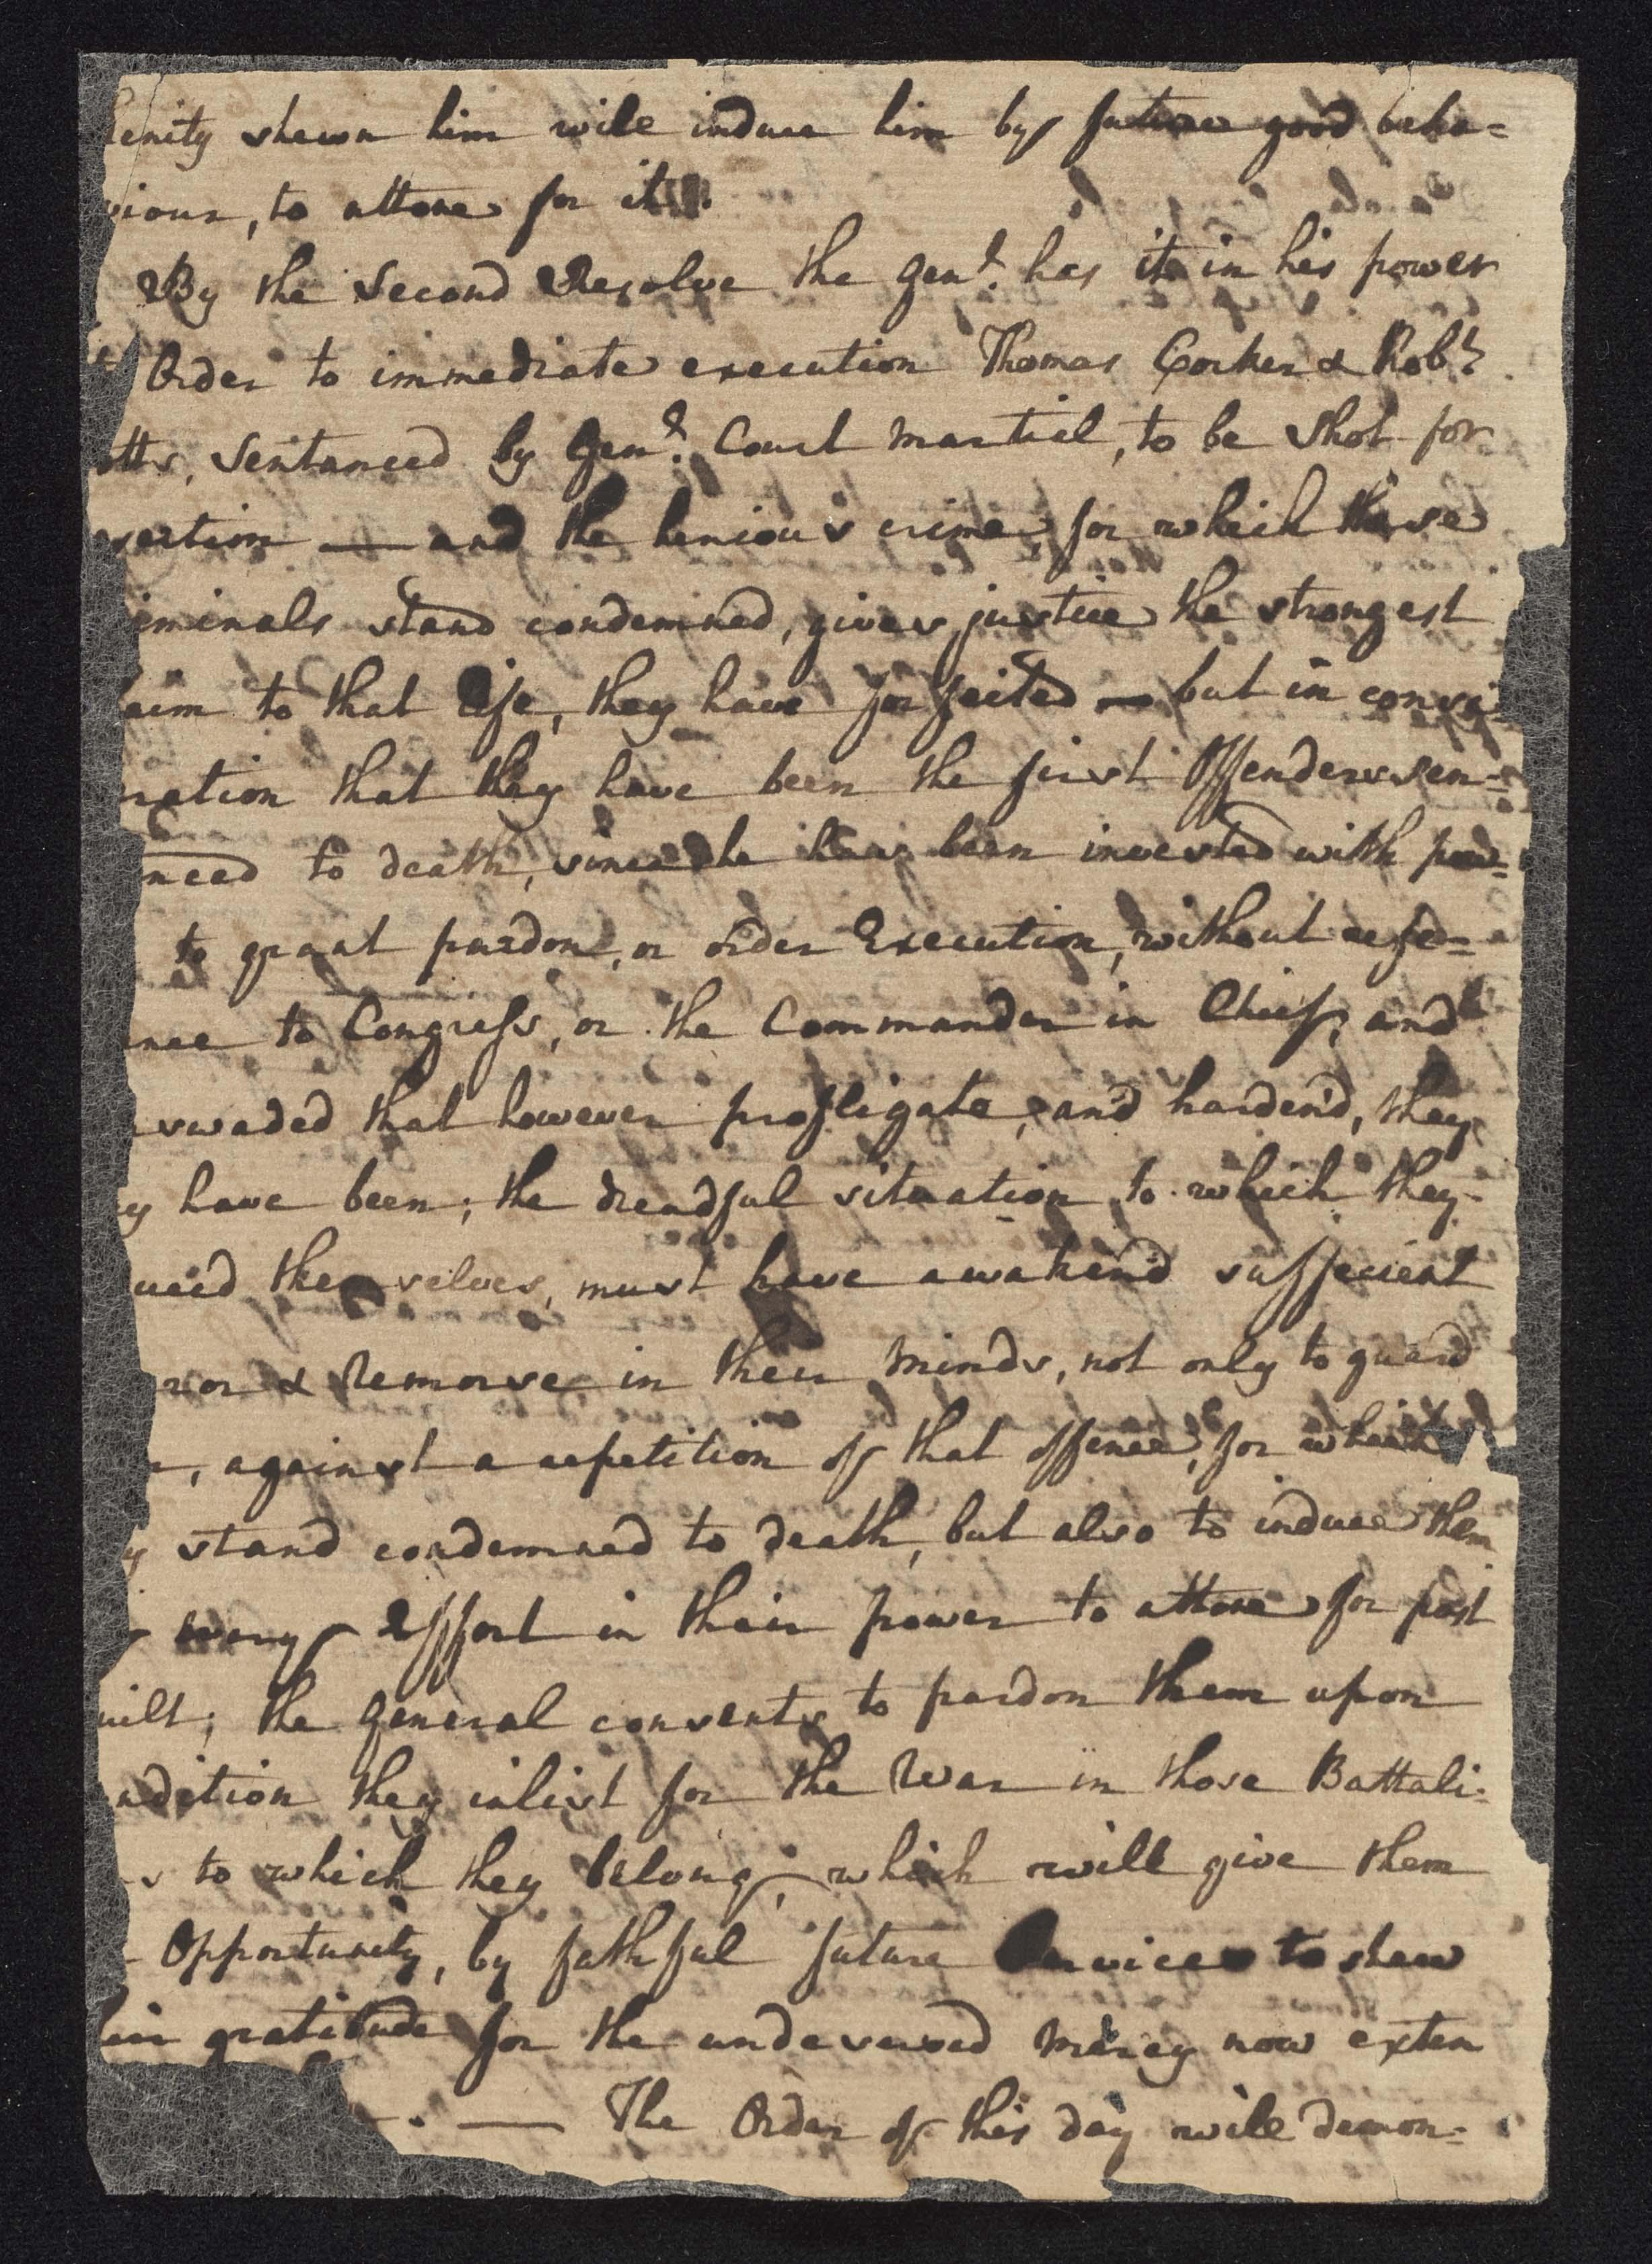 South Carolina Regiment Order Book, Page 198